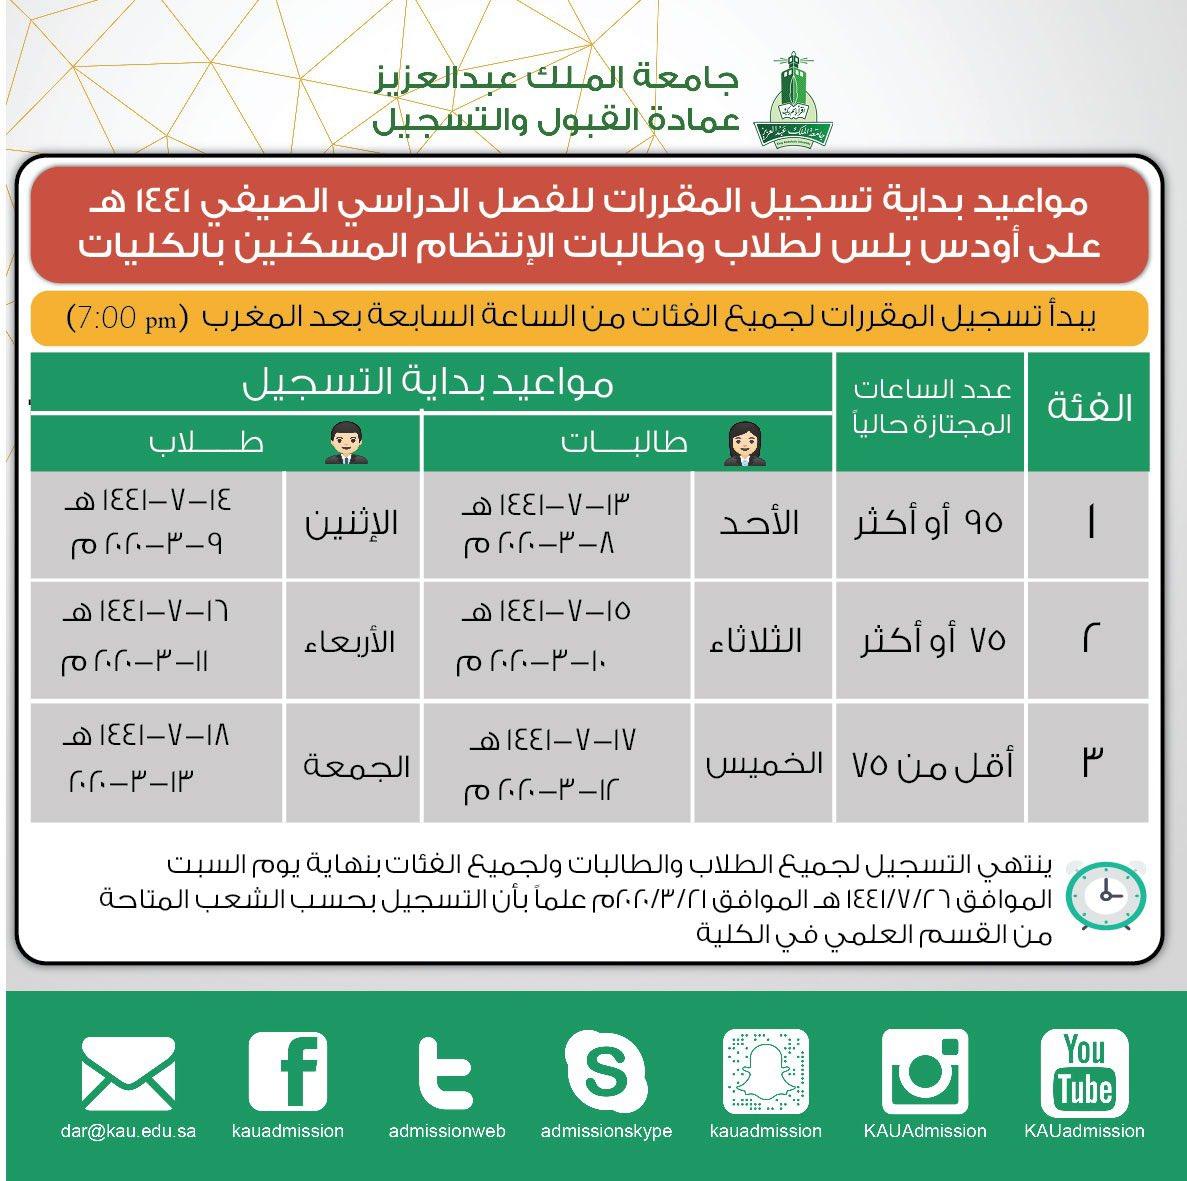 جامعه الملك عبدالعزيز اودس Doted24 Blogspot Com